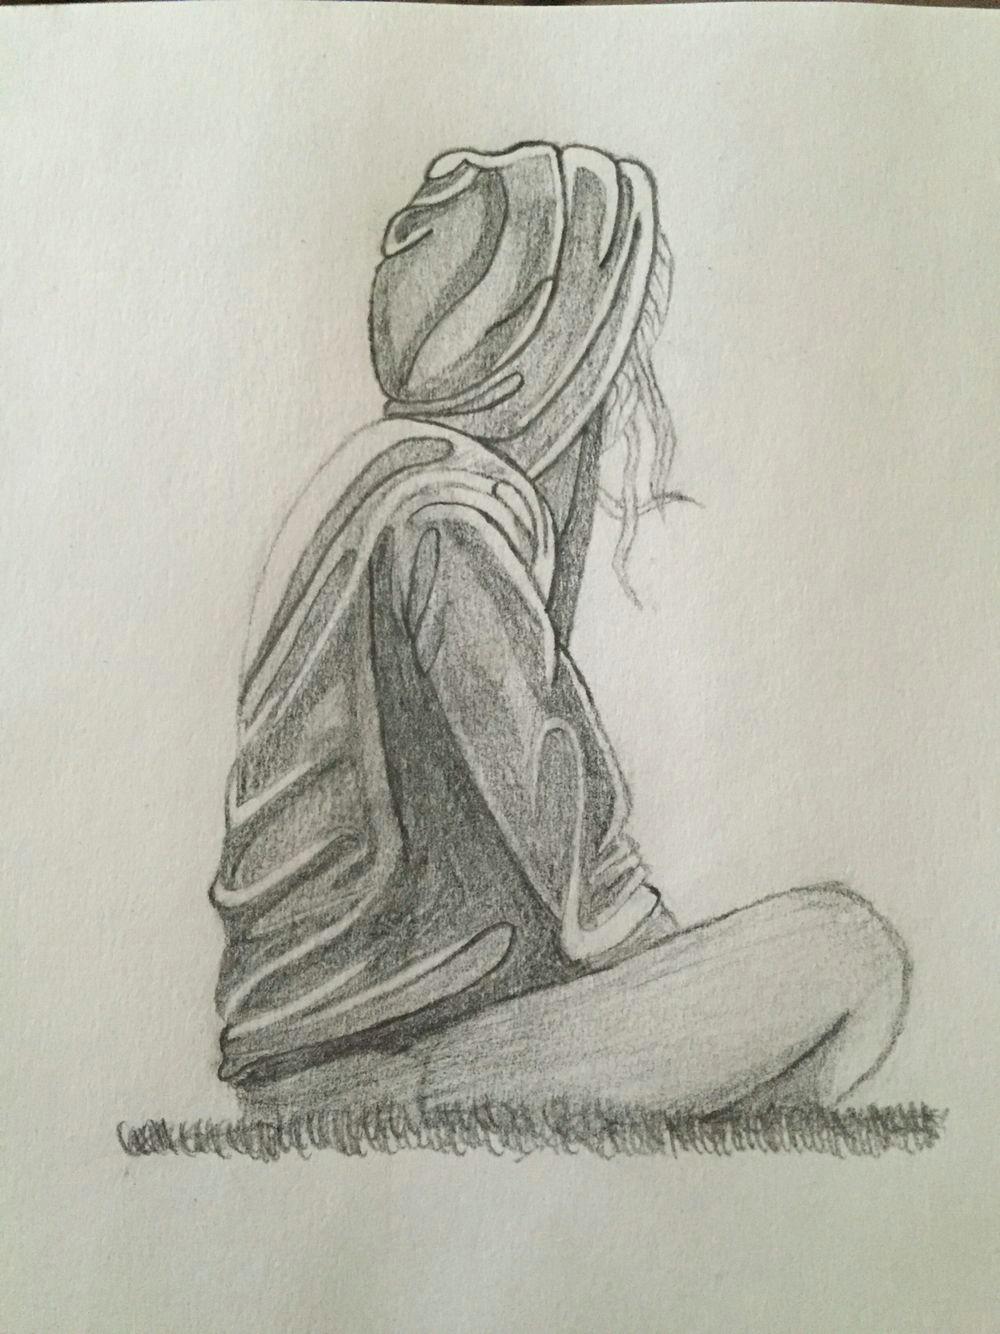 afbeeldingsresultaat voor sad drawing